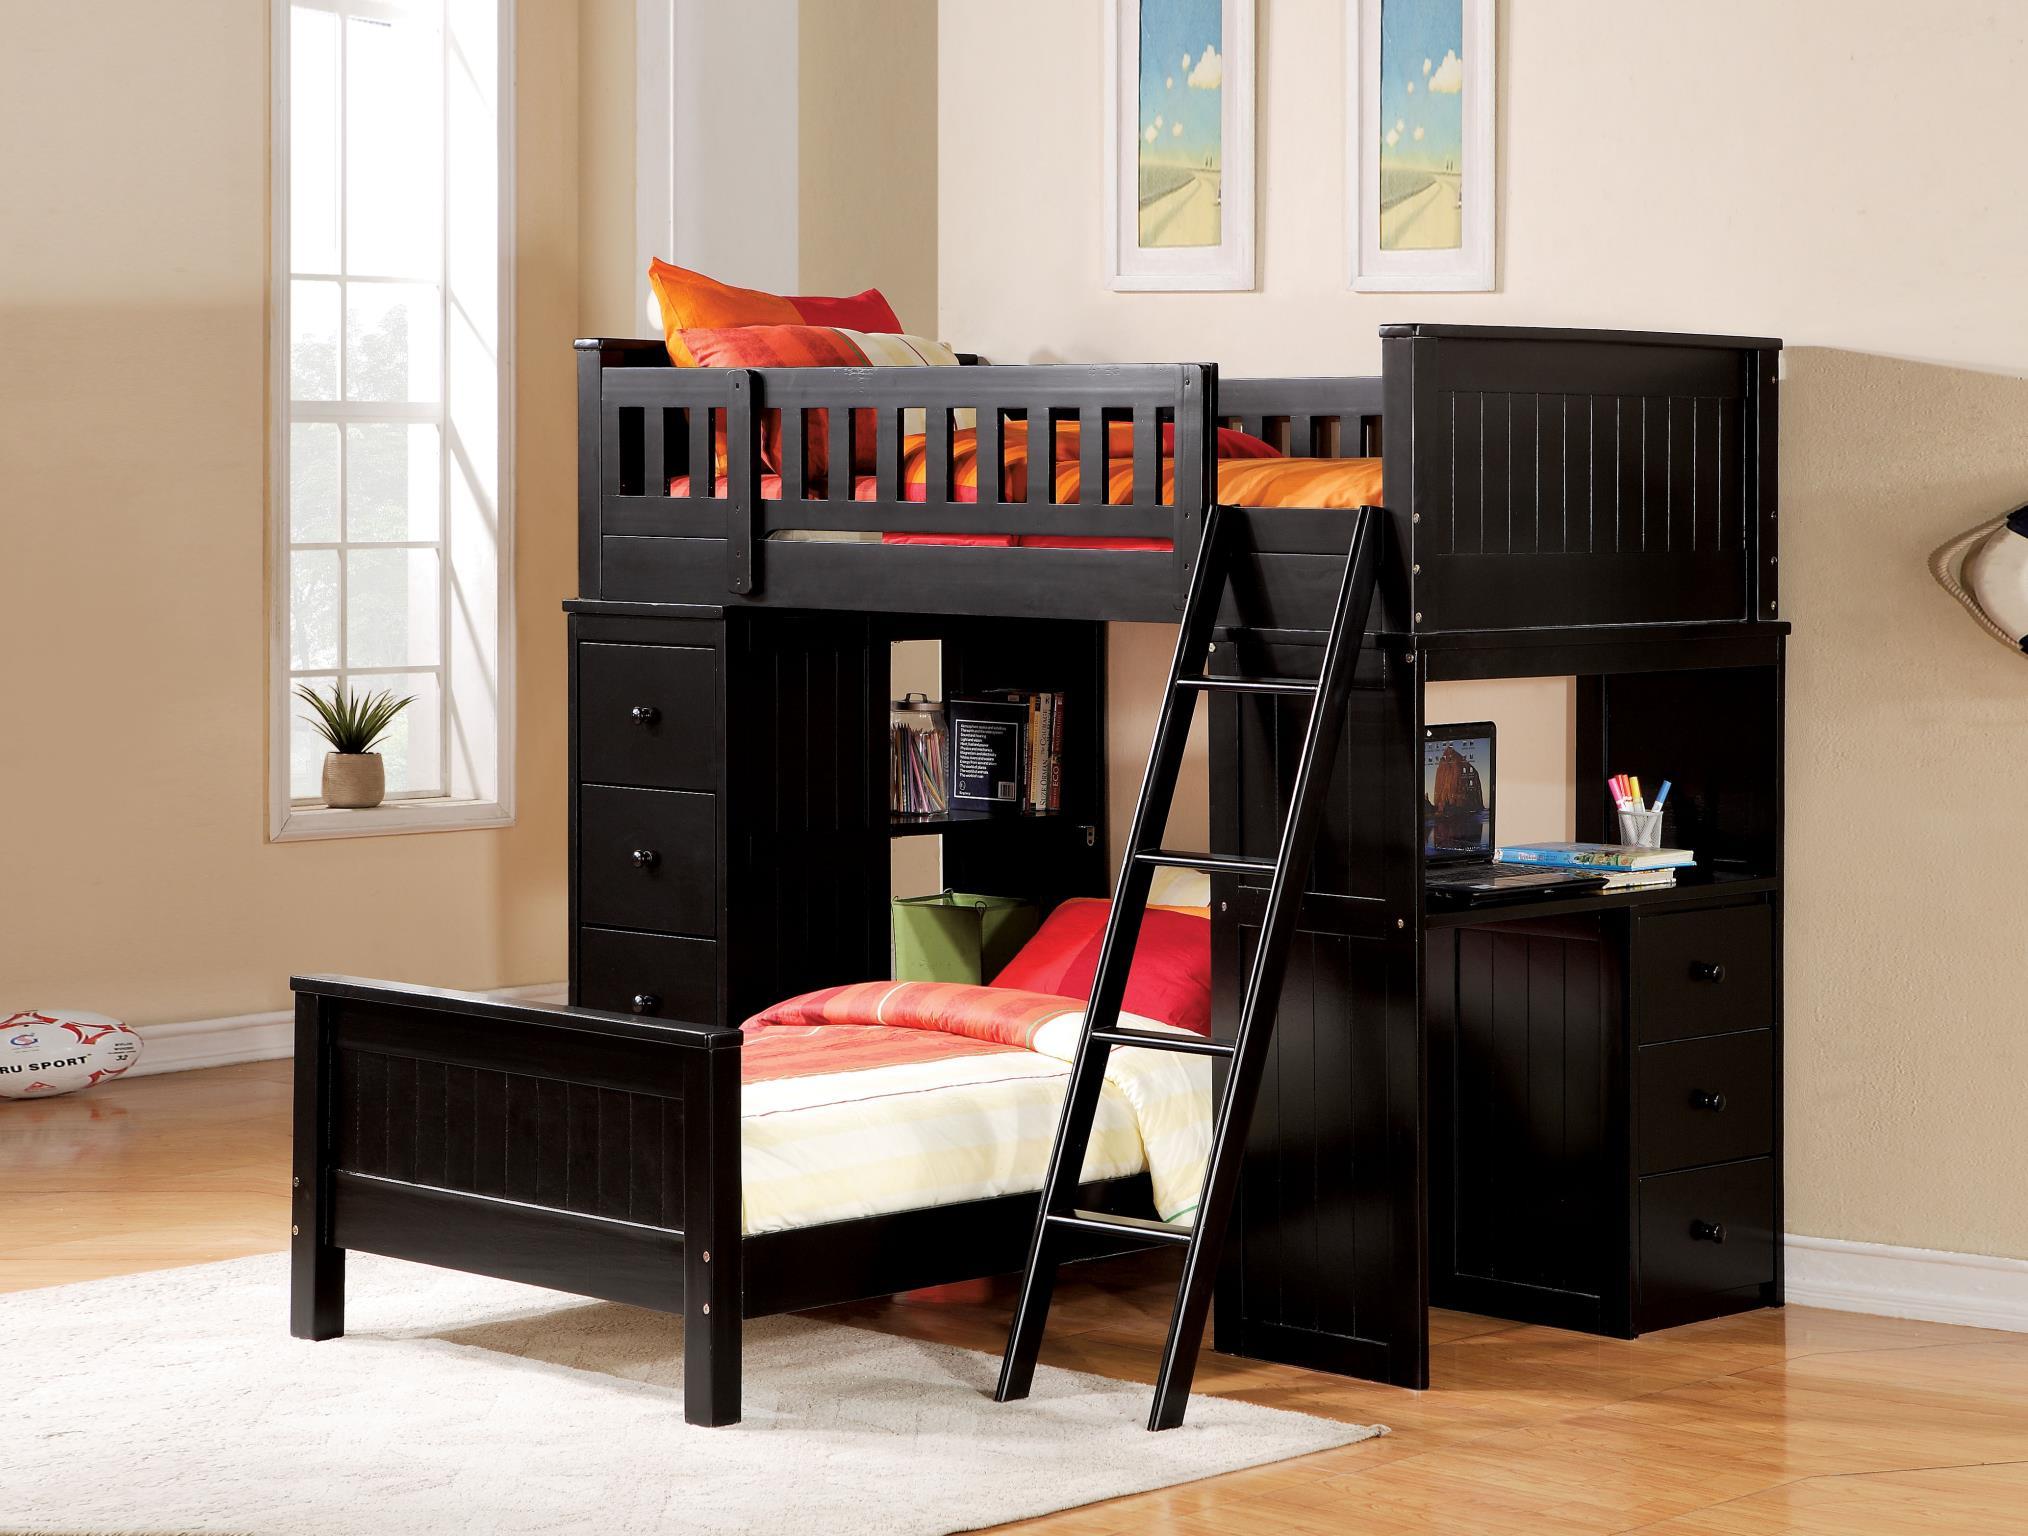 Black Complete Loft Bed Set